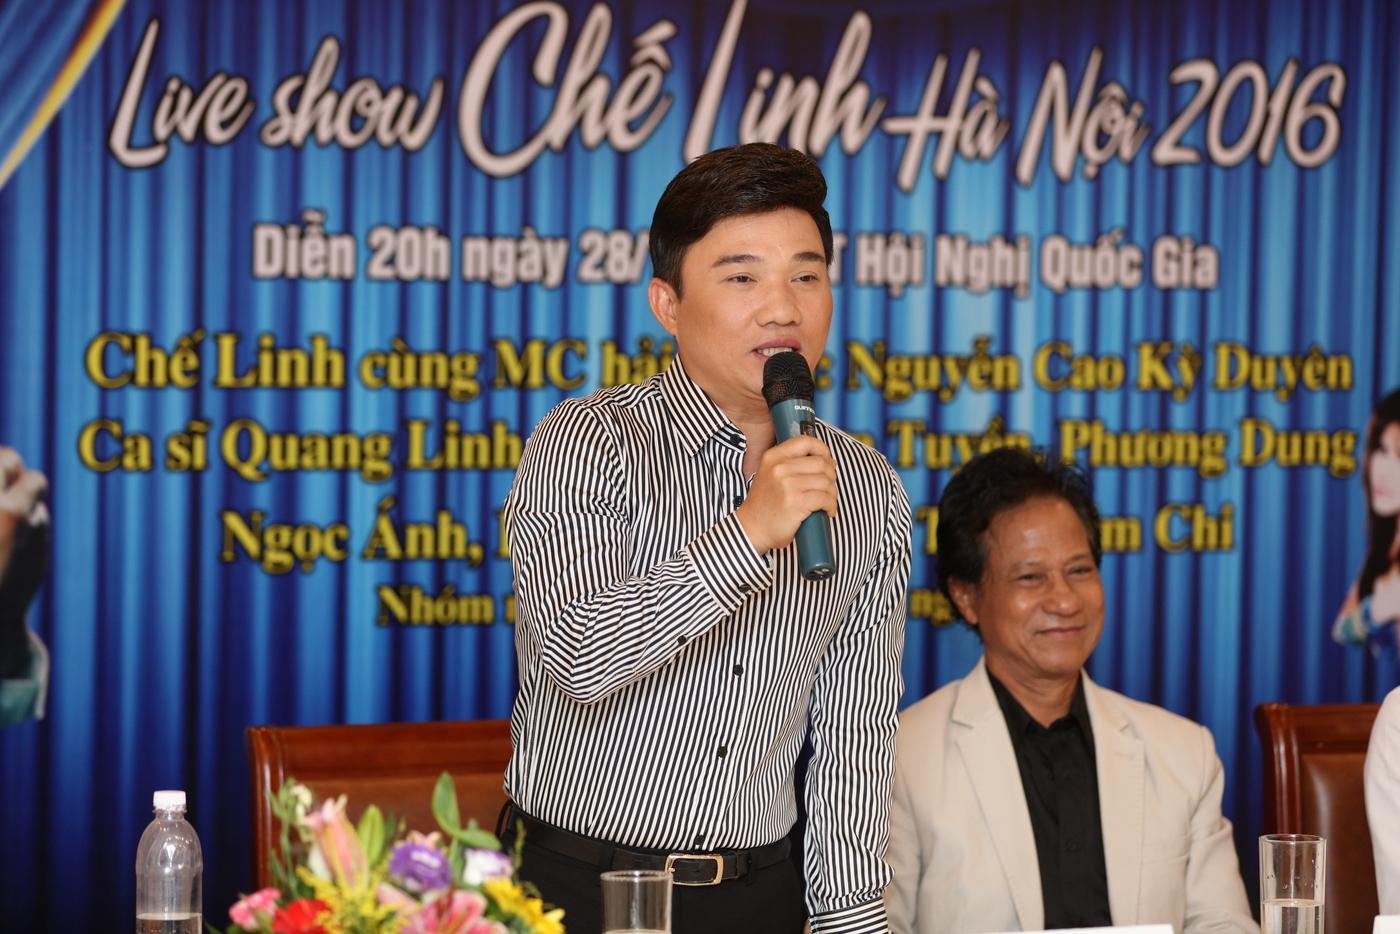 Lý do Quang Linh 51 tuổi vẫn chưa chịu kết hôn 2